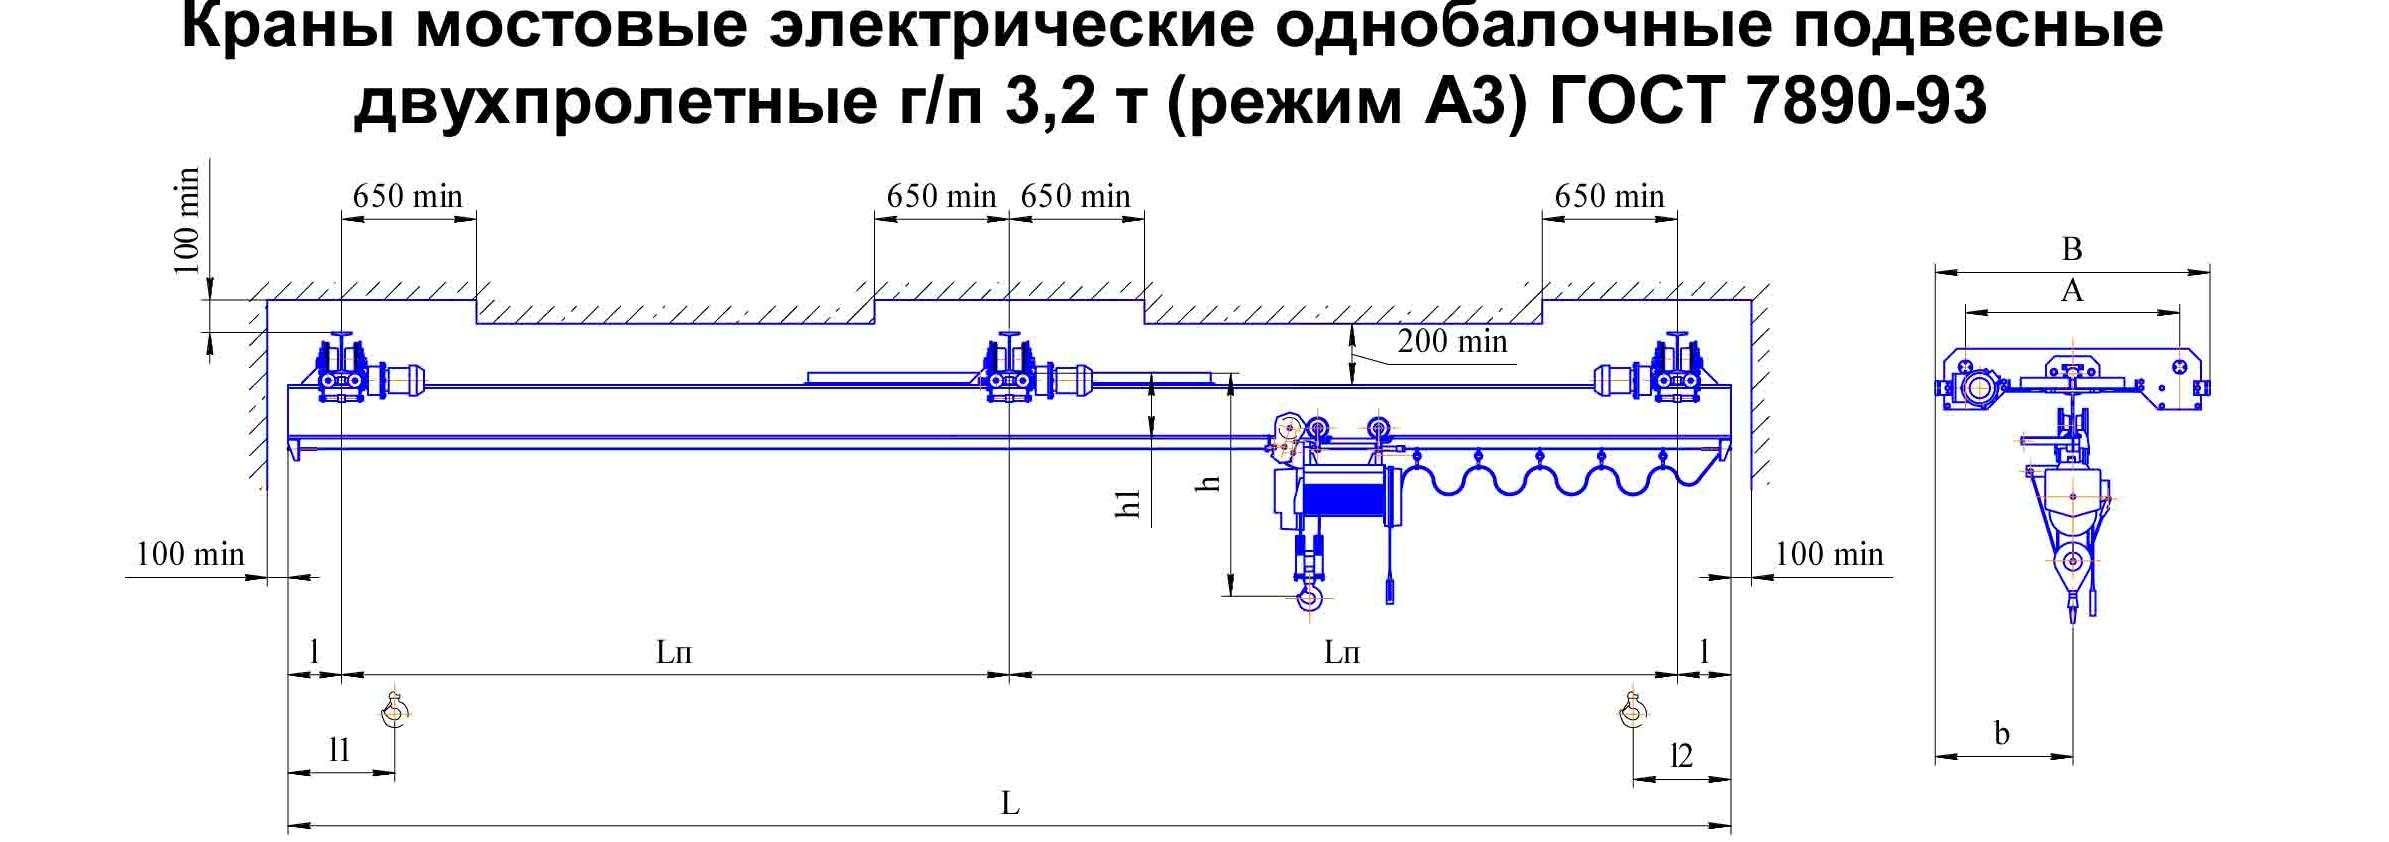 ГОСТ 789093 Краны мостовые однобалочные подвесные